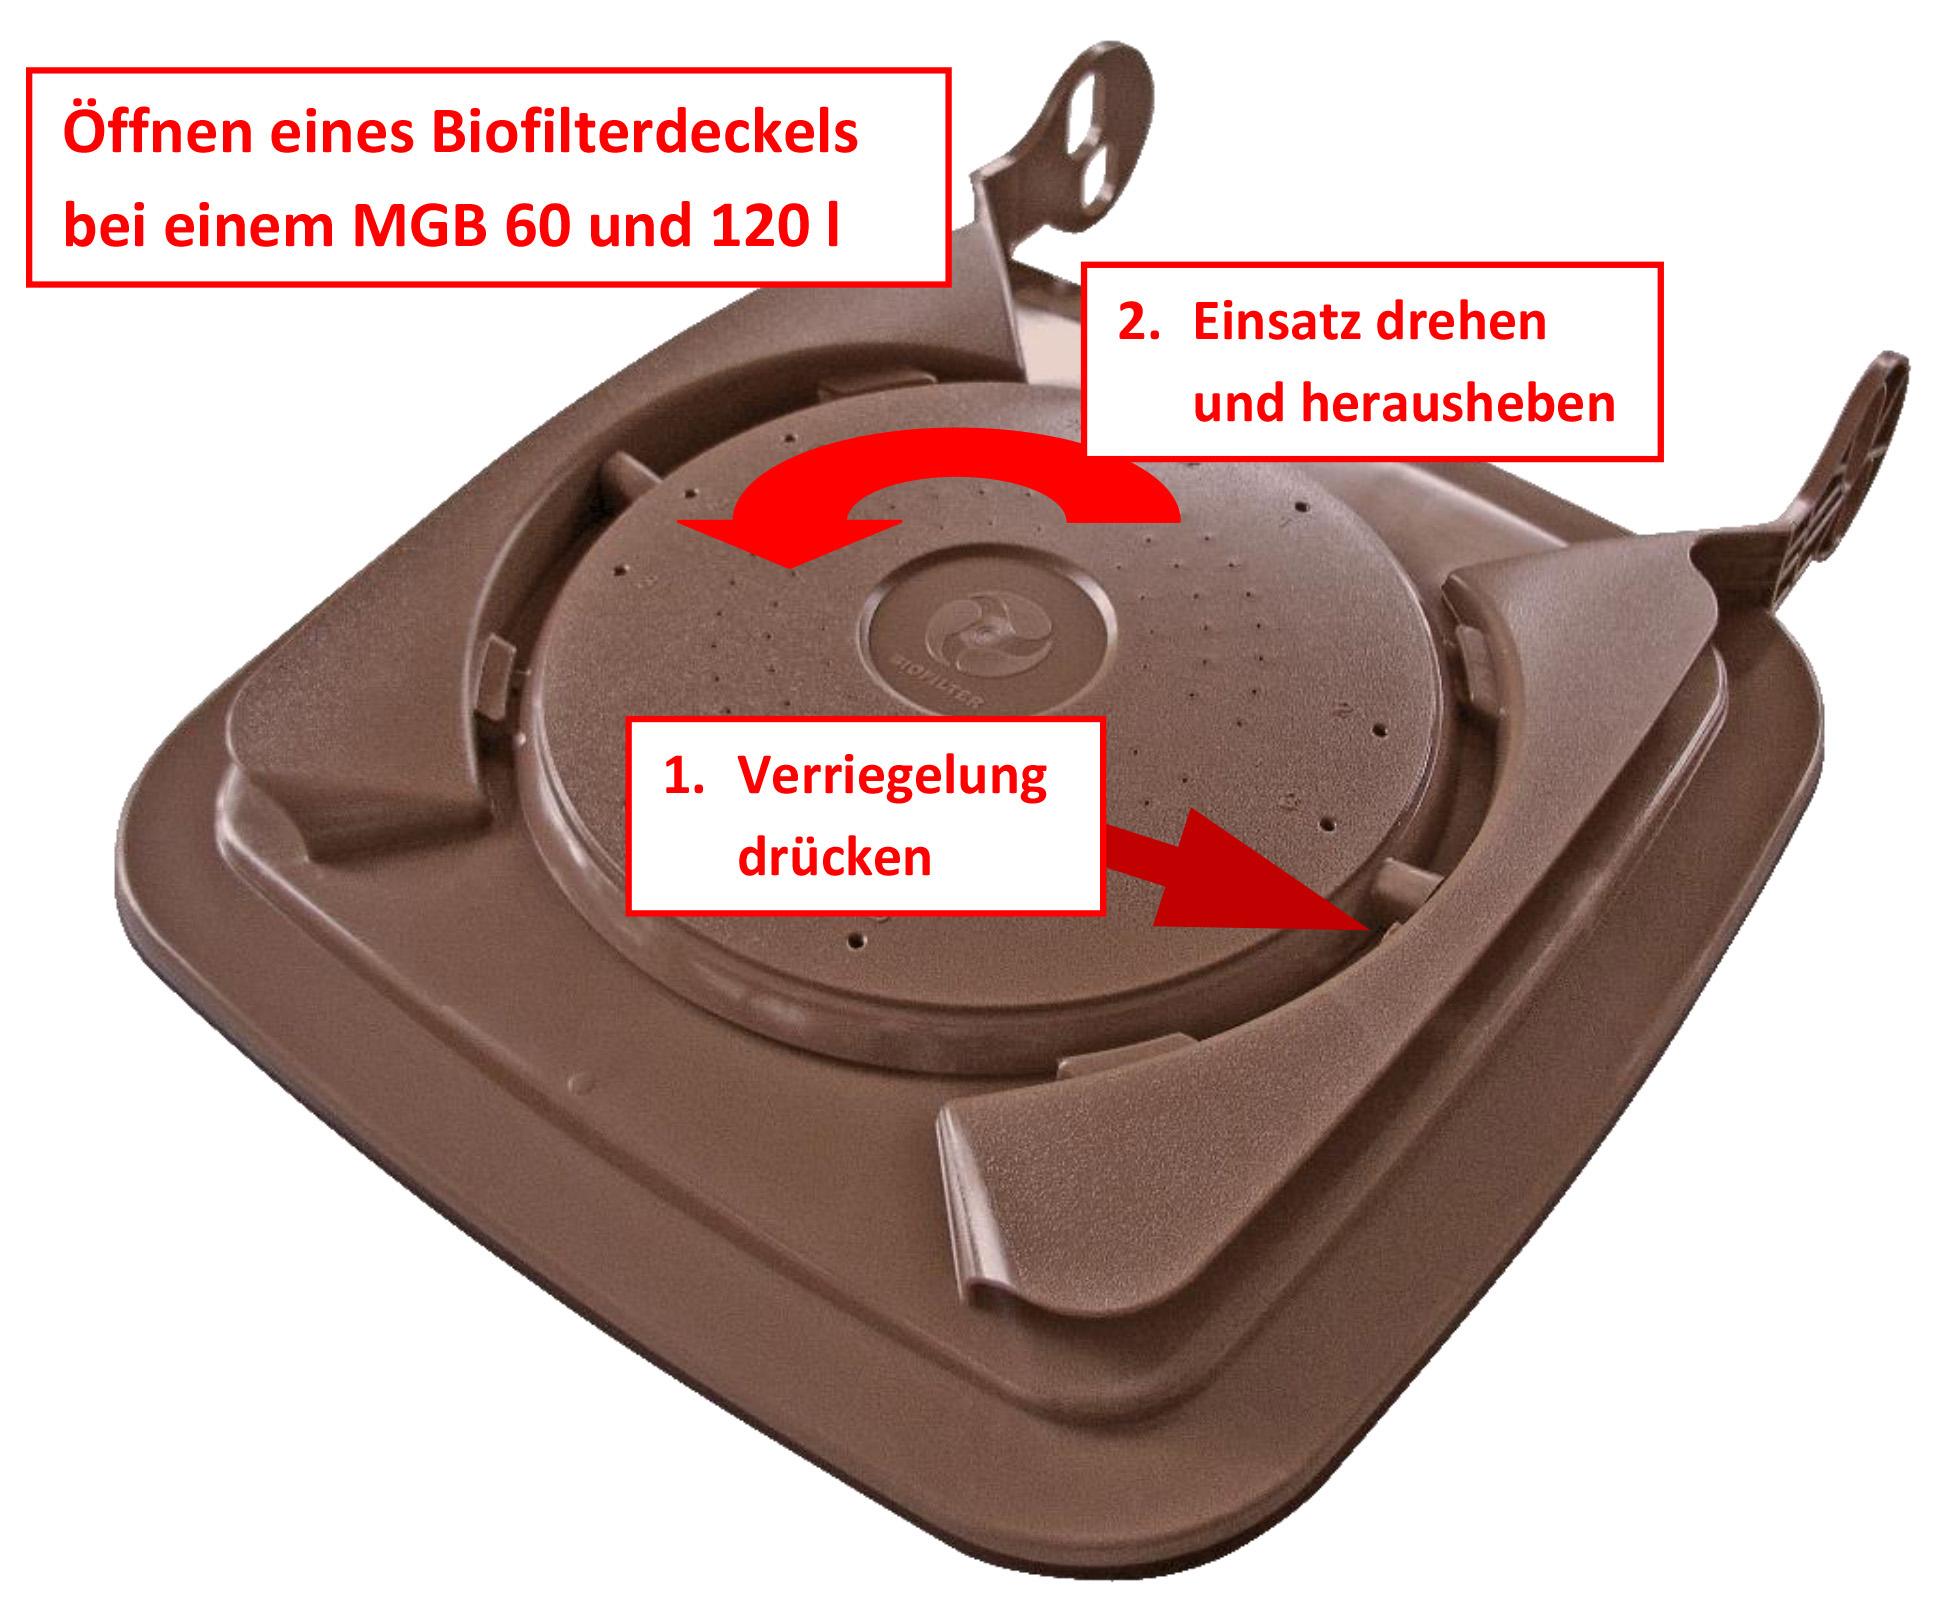 So wird der Biofilterdeckel geöffnet